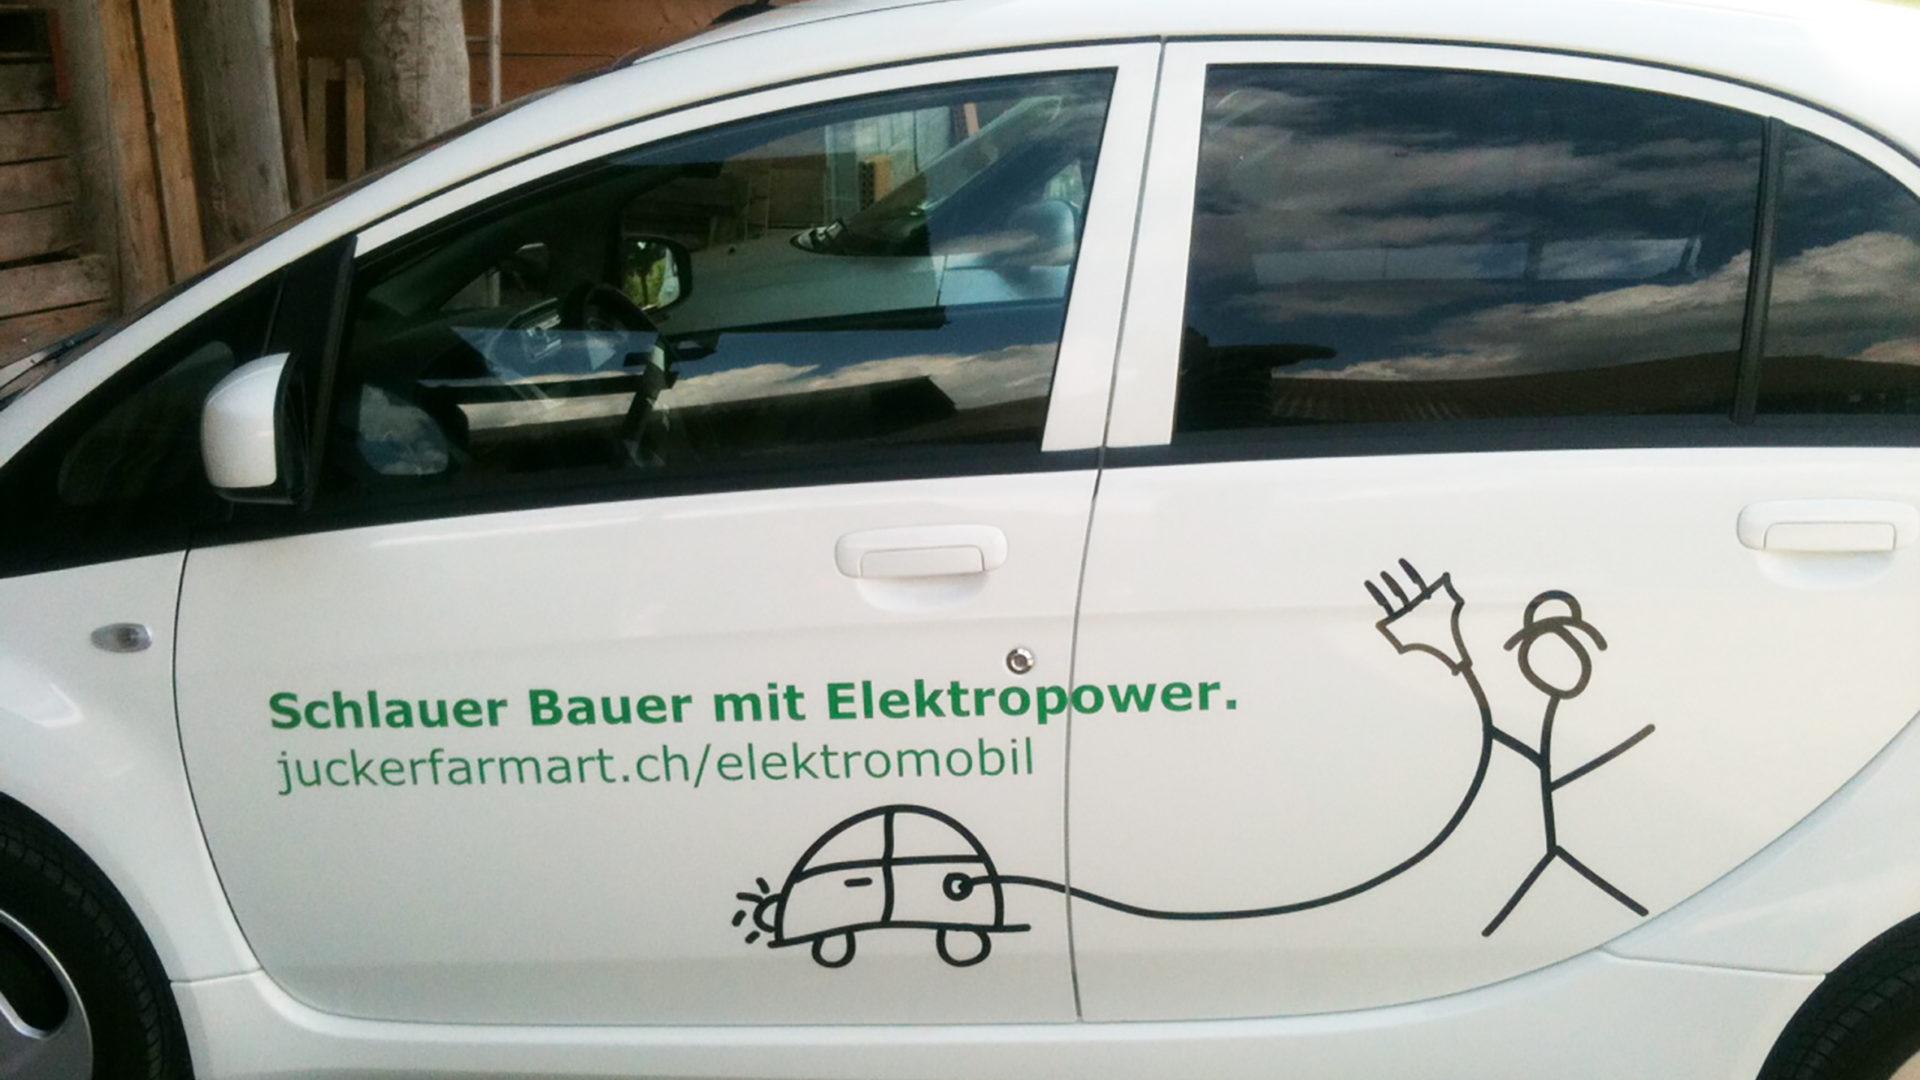 IMIEV Elektropower